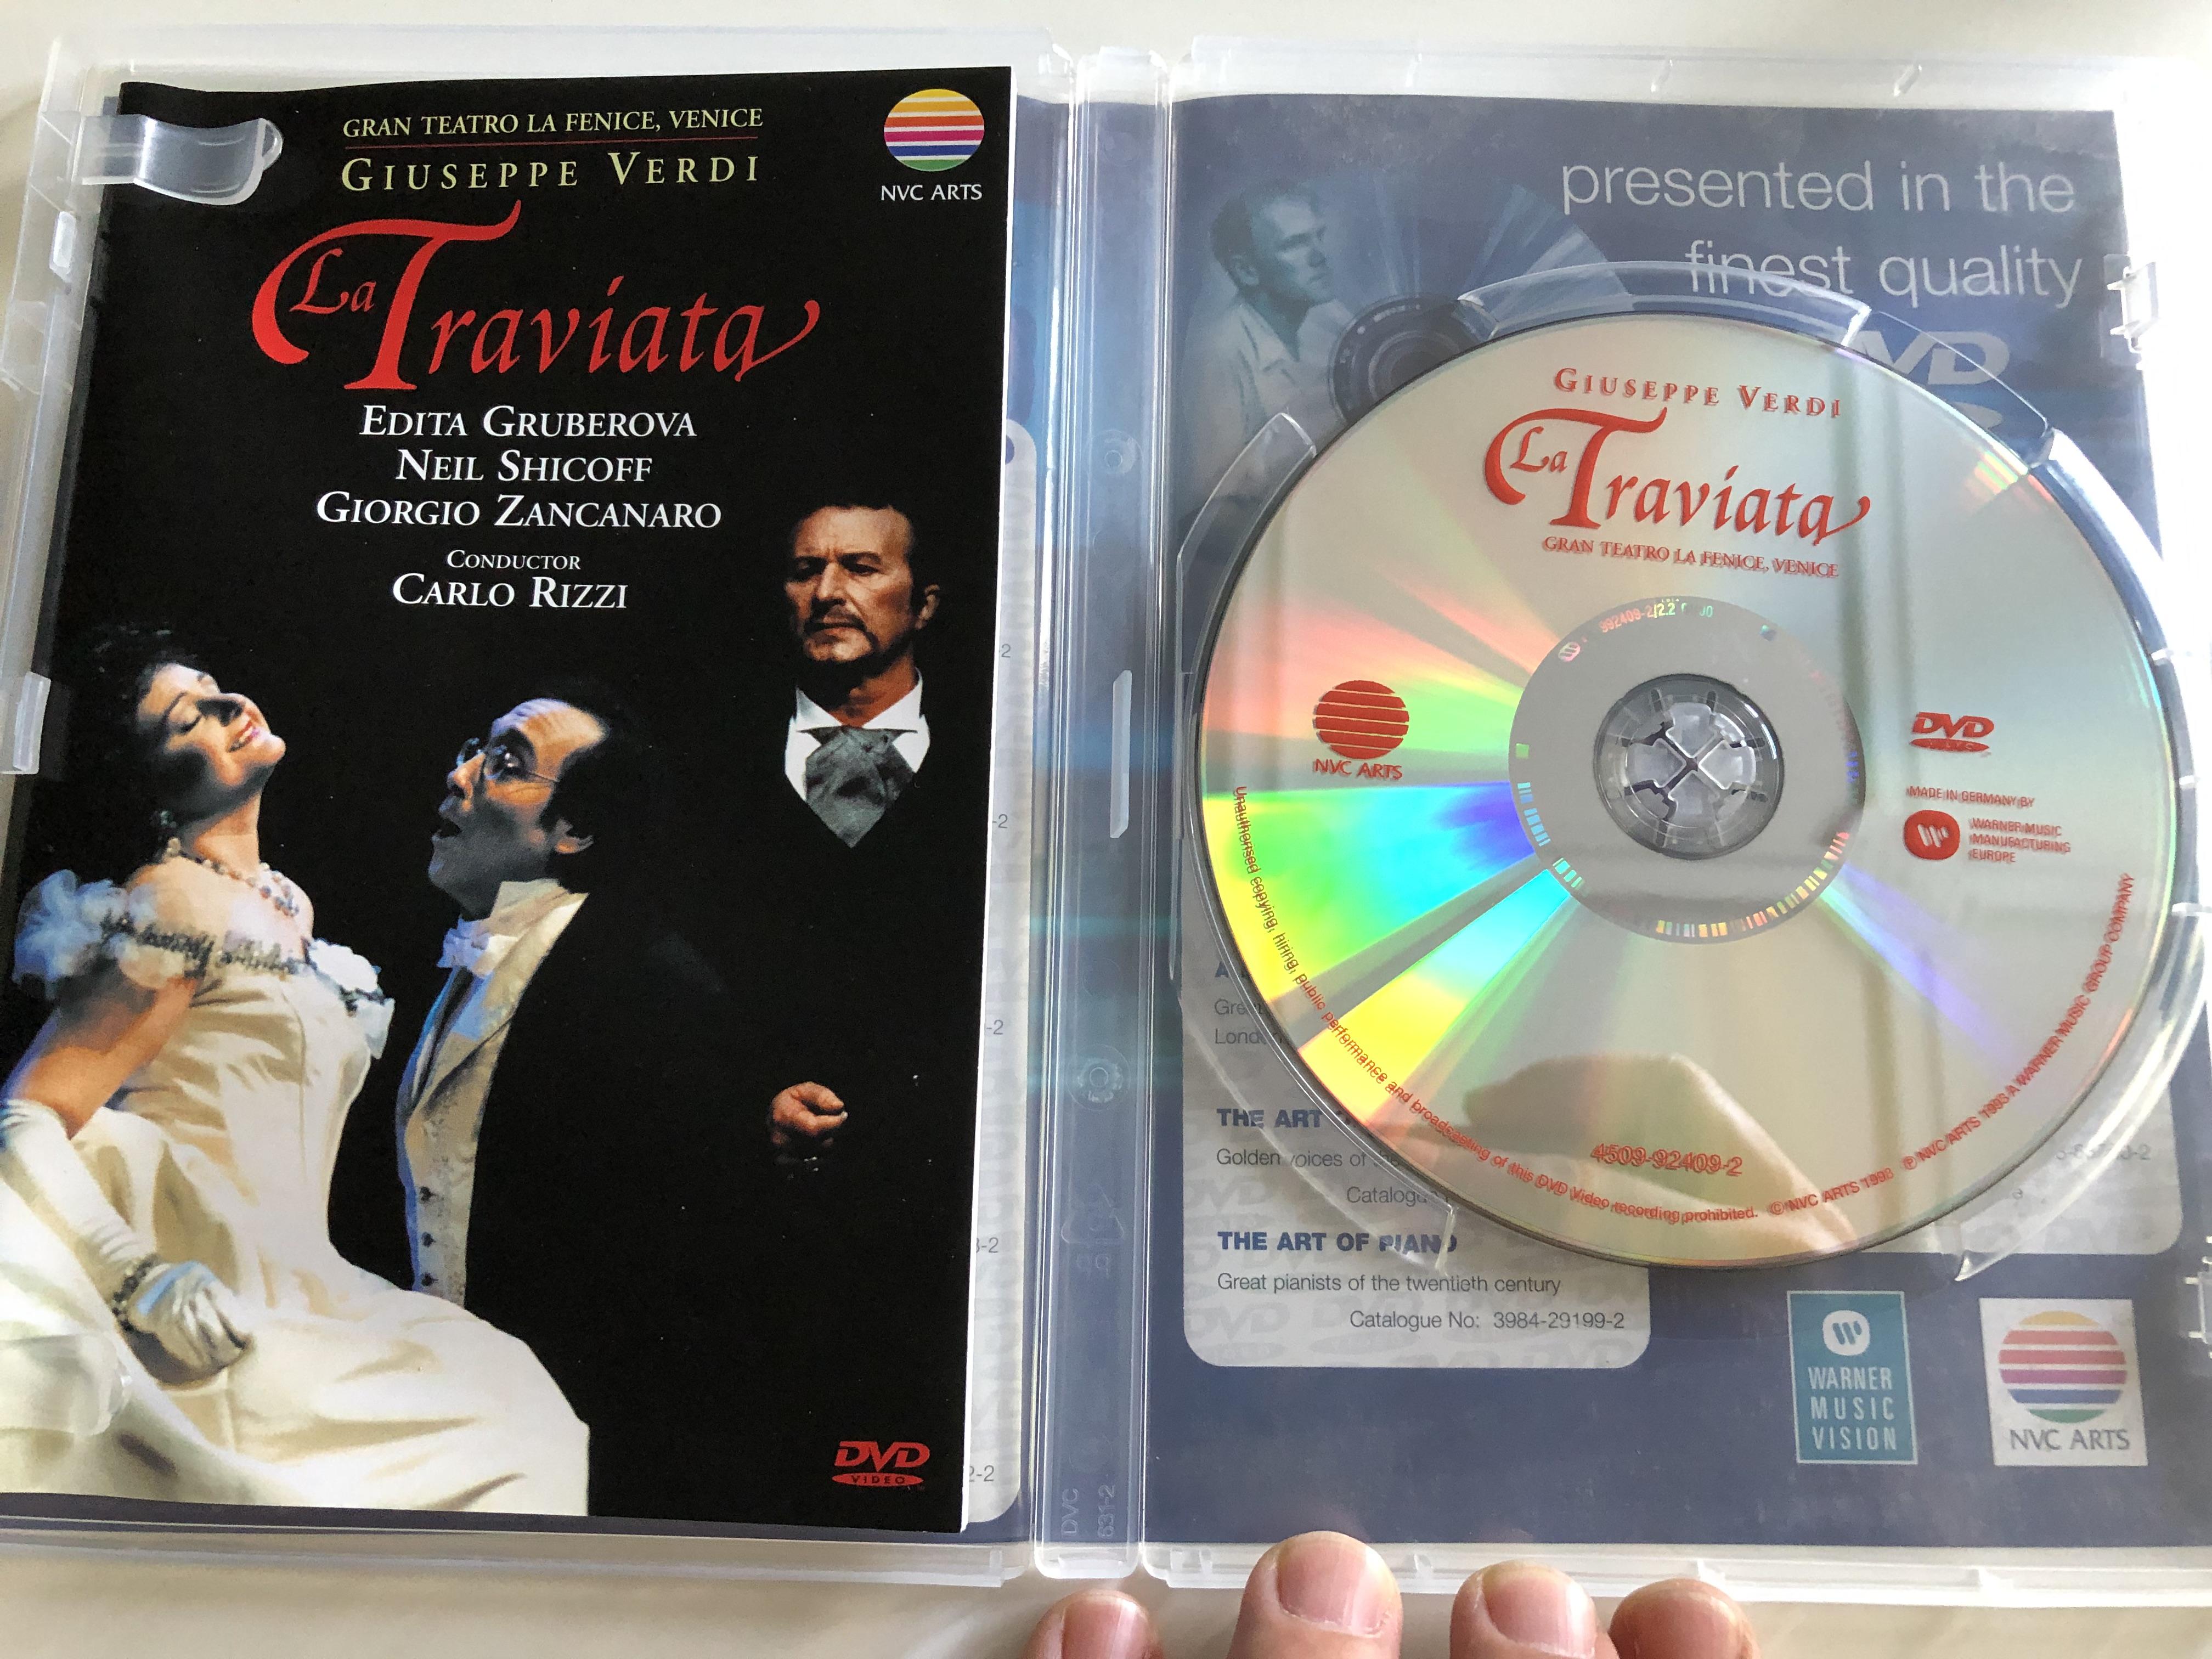 giuseppe-verdi-la-traviata-dvd-2003-opera-in-3-acts-gran-teatro-la-fenice-venice-edita-gruberova-neil-shicoff-giorgio-zancanaro-conducted-by-carlo-rizzi-directed-for-video-by-derek-bailey-nvc-arts-2-.jpg